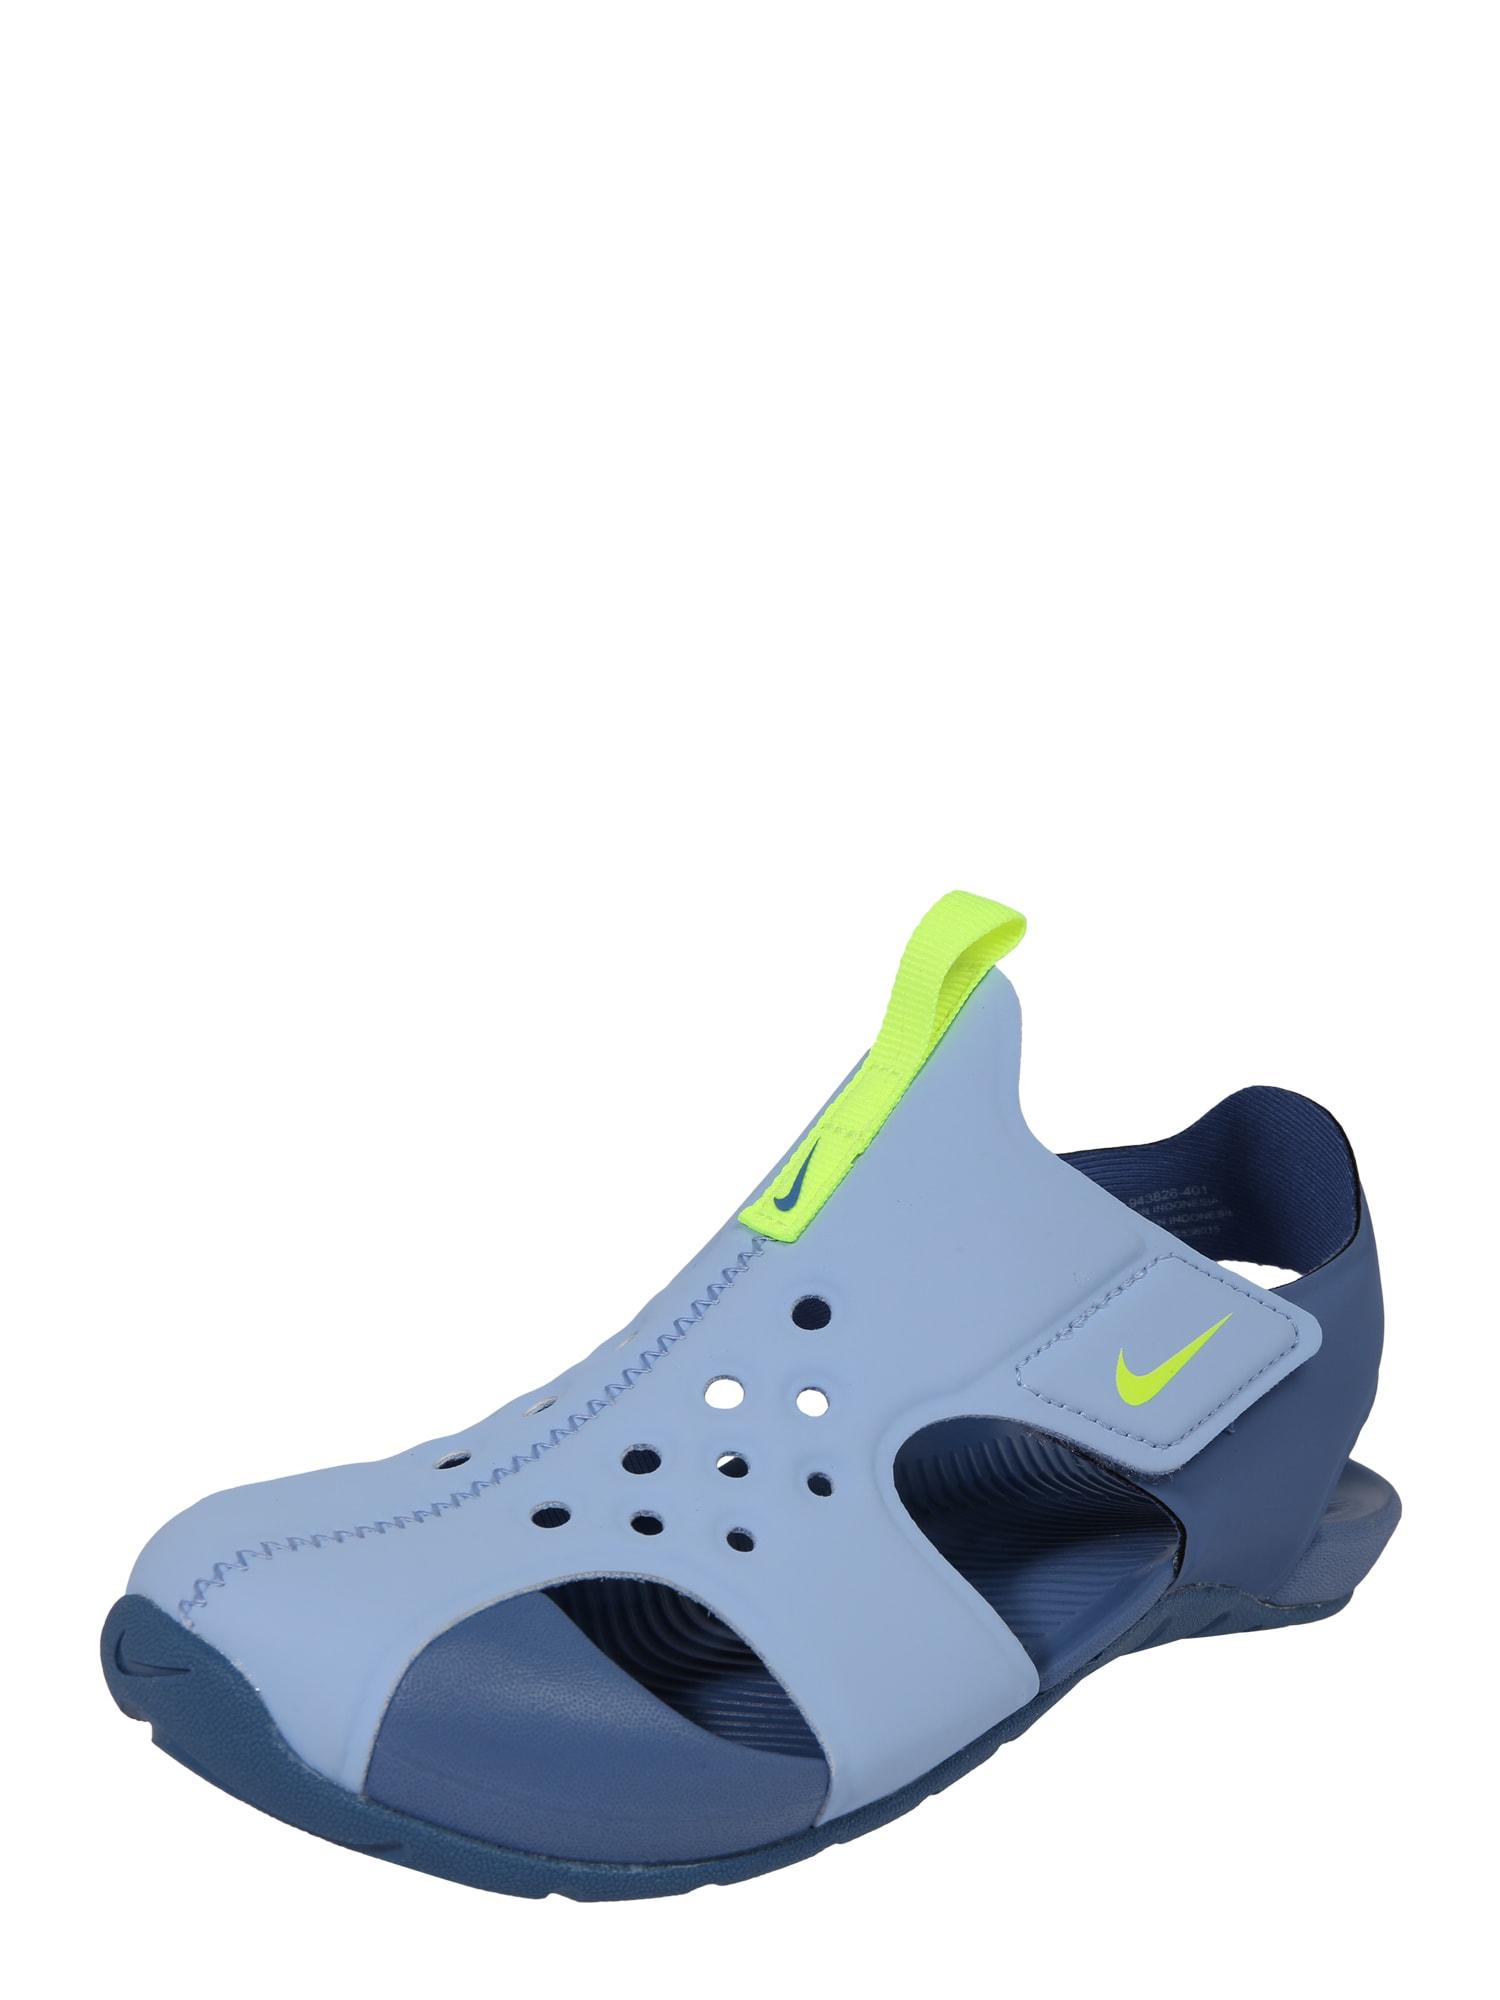 Plážovákoupací obuv Sunray Protect 2 TD světlemodrá tmavě modrá Nike Sportswear